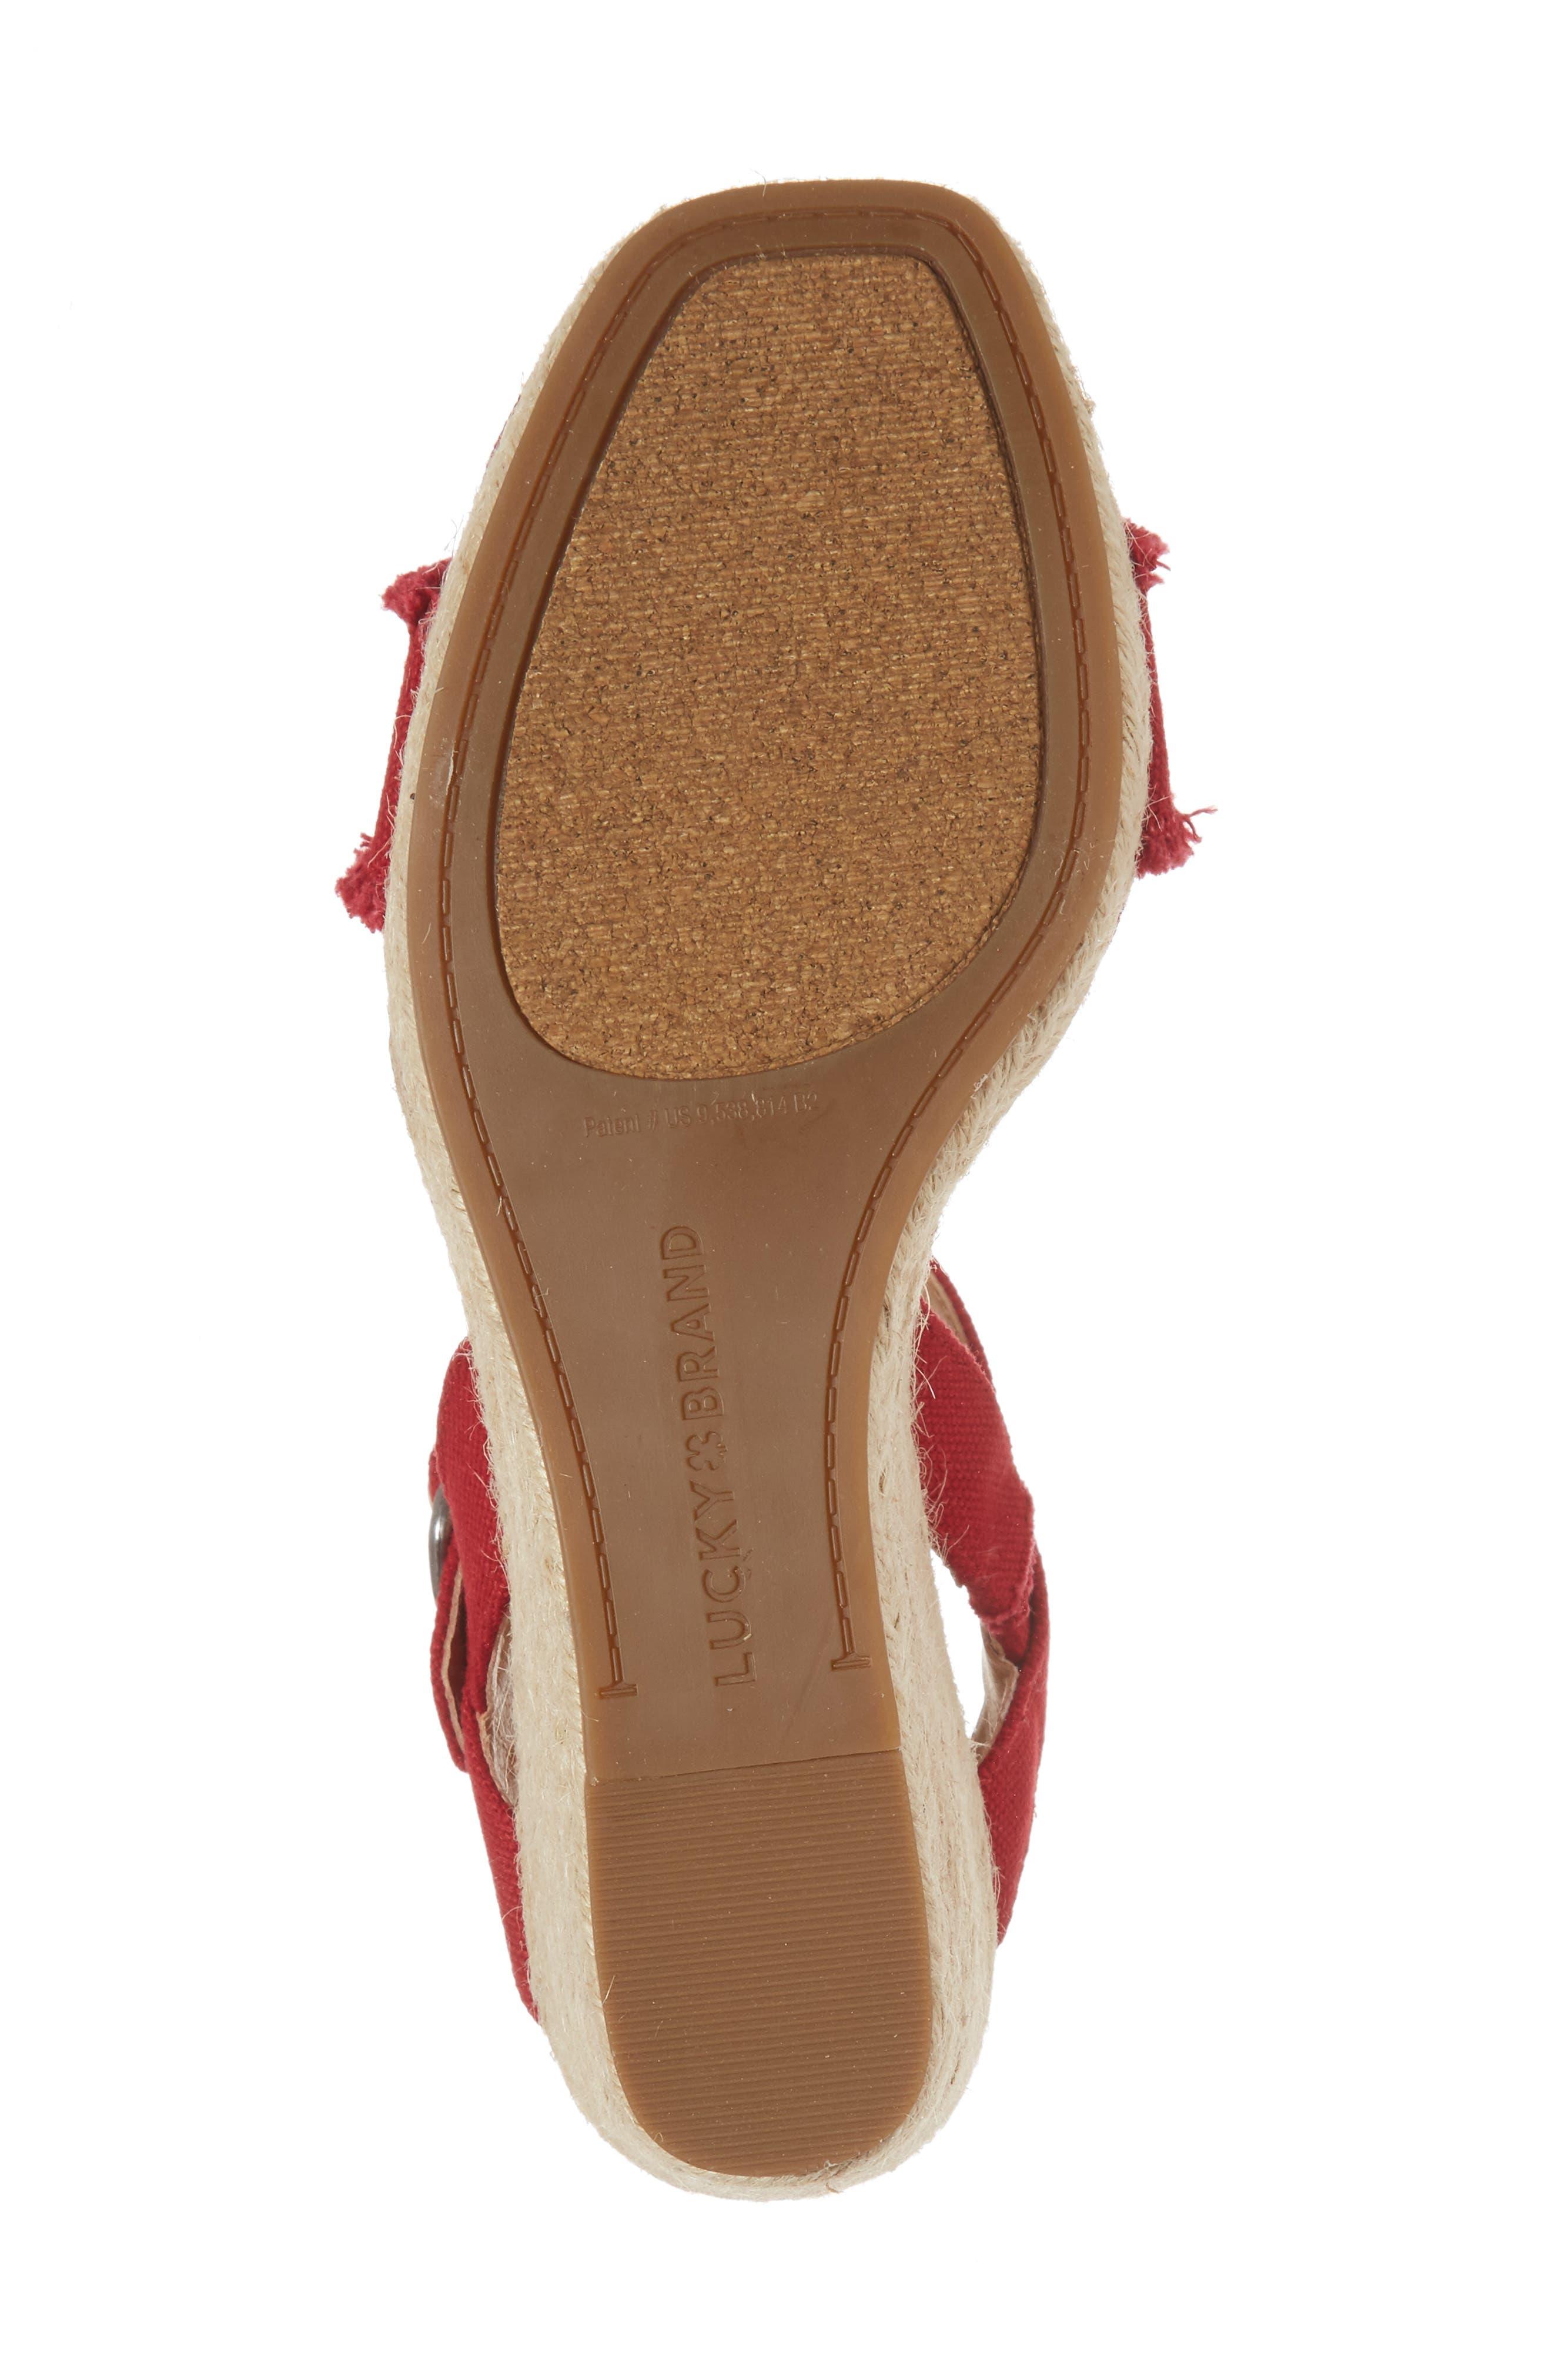 Marceline Squared Toe Wedge Sandal,                             Alternate thumbnail 42, color,